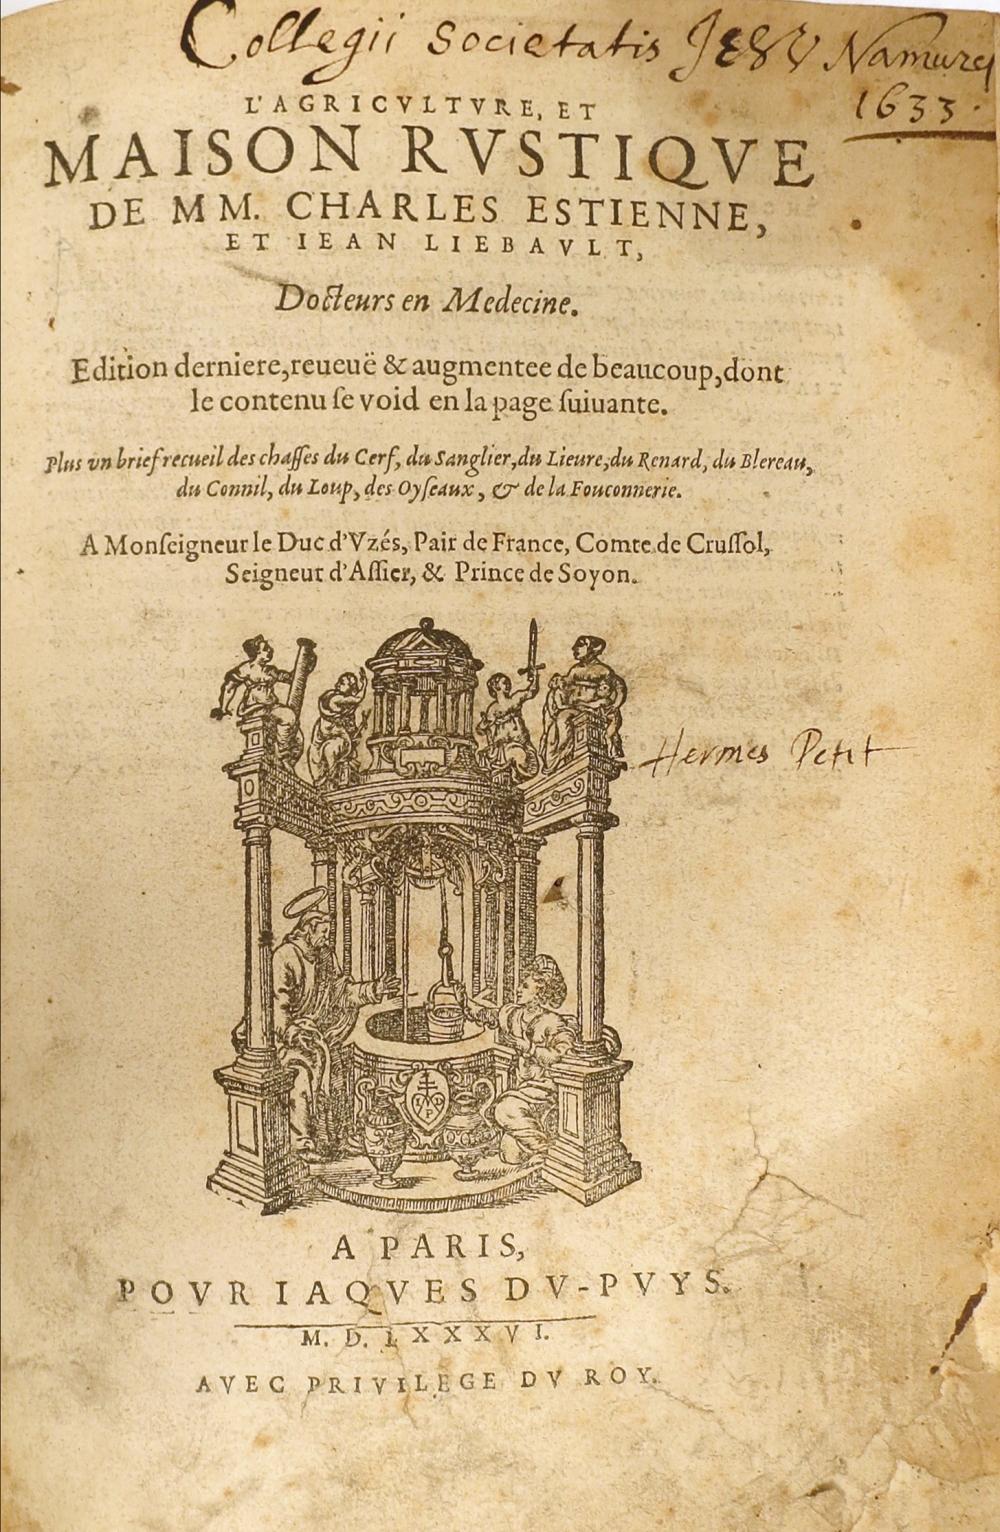 ESTIENNE, Charles, LIÉBAULT, Jean L'agriculture, et Maison rustique [.